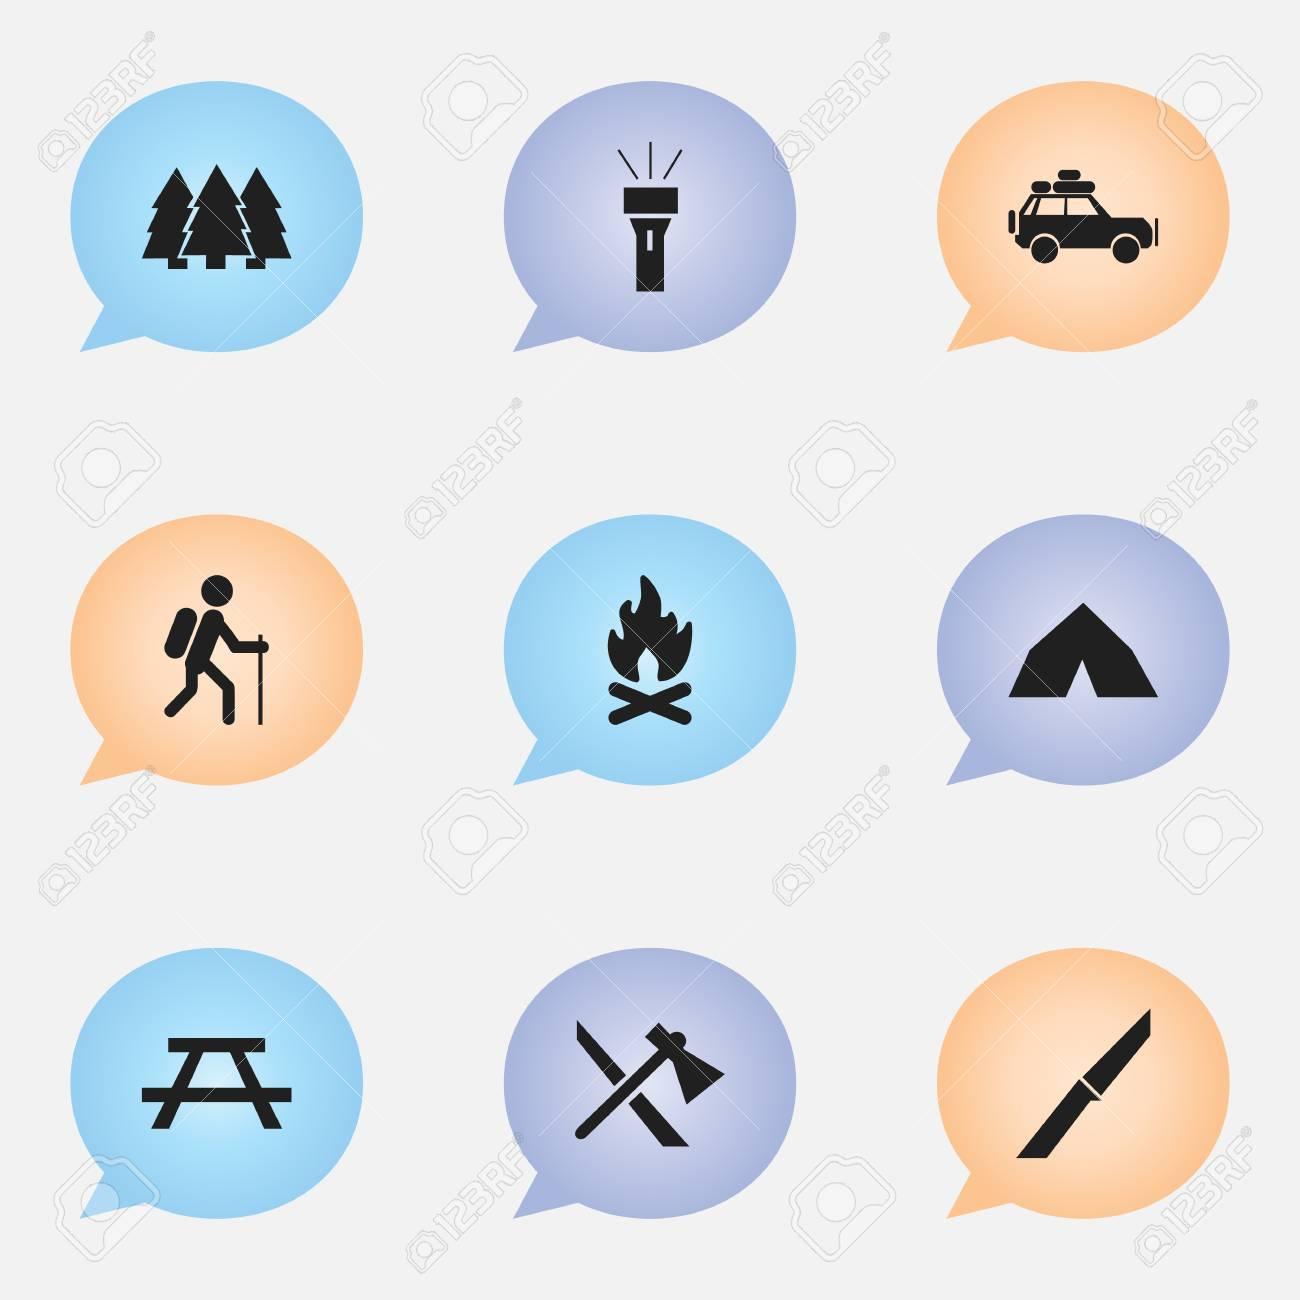 Bureau Design Gebruikt.Set Van 9 Bewerkbare Camping Iconen Bevat Symbolen Zoals Bureau Pijnboom Koorts En Meer Kan Worden Gebruikt Voor Web Mobile Ui En Infographic